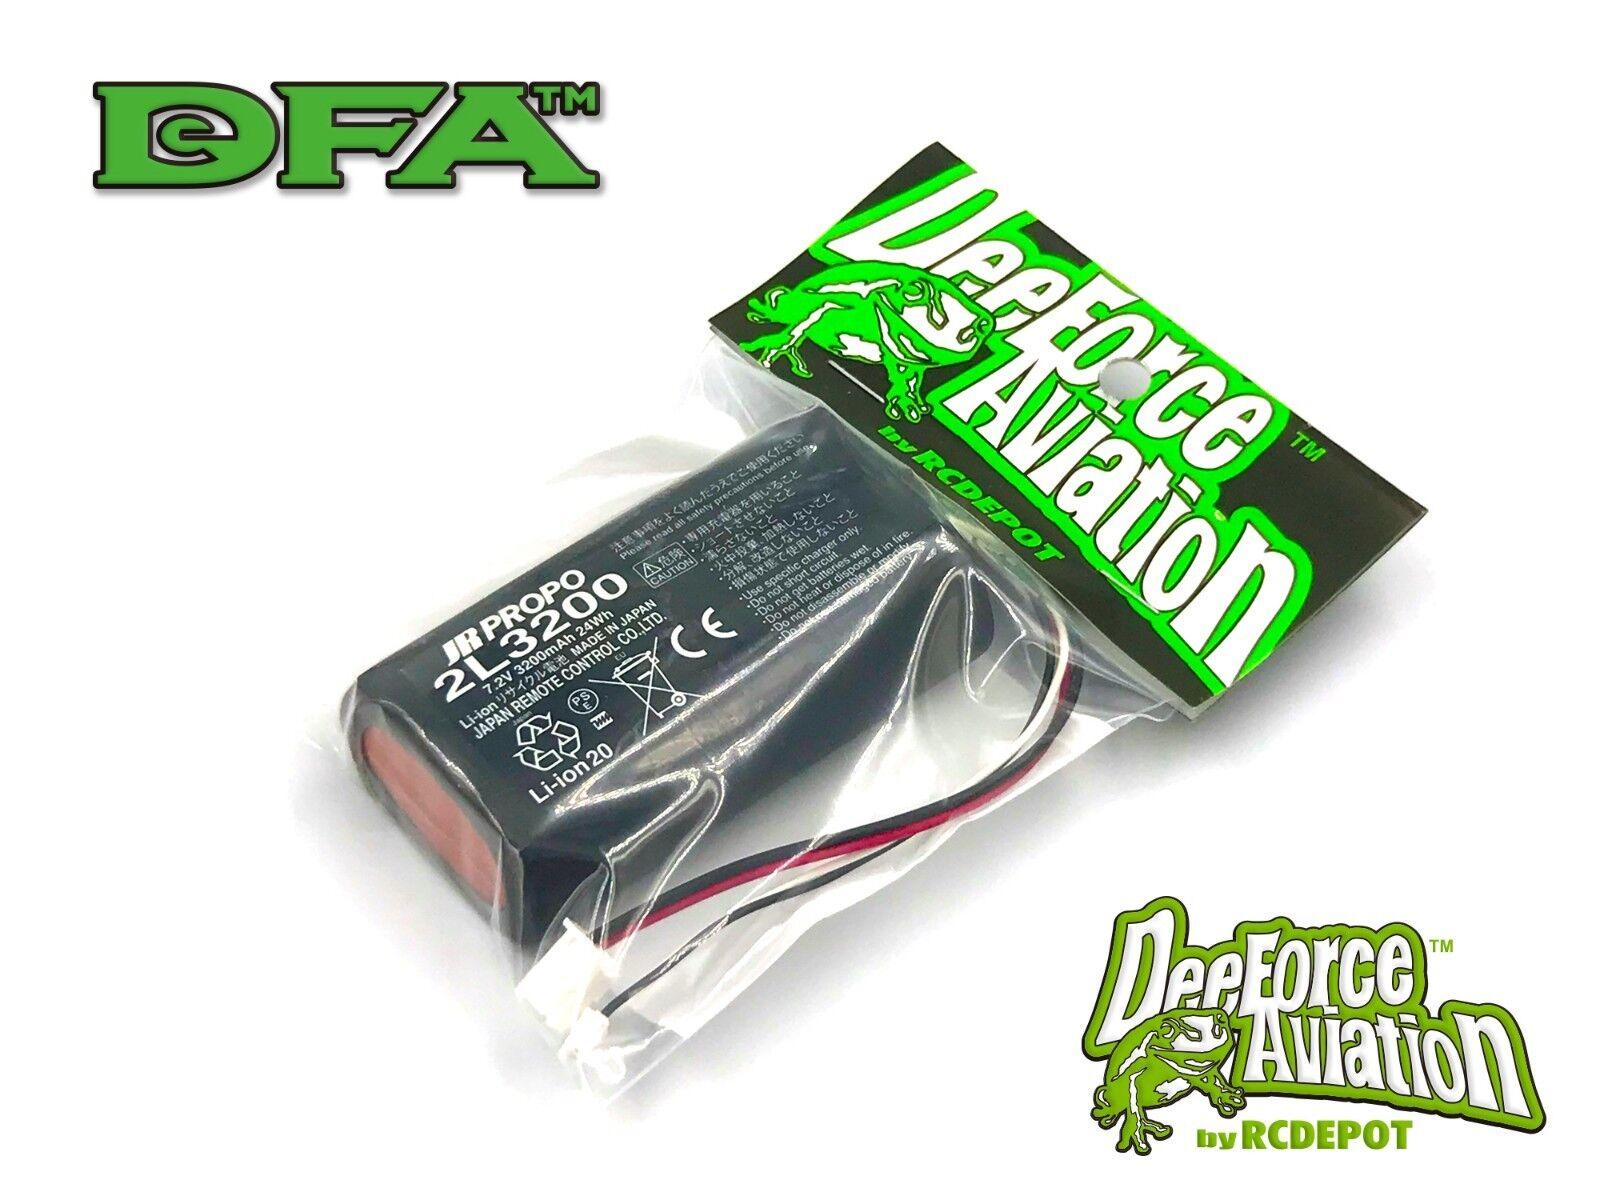 JR DFA Transmitter Battery Li-ion 7.2V 3200mAh 24Wh for 28X